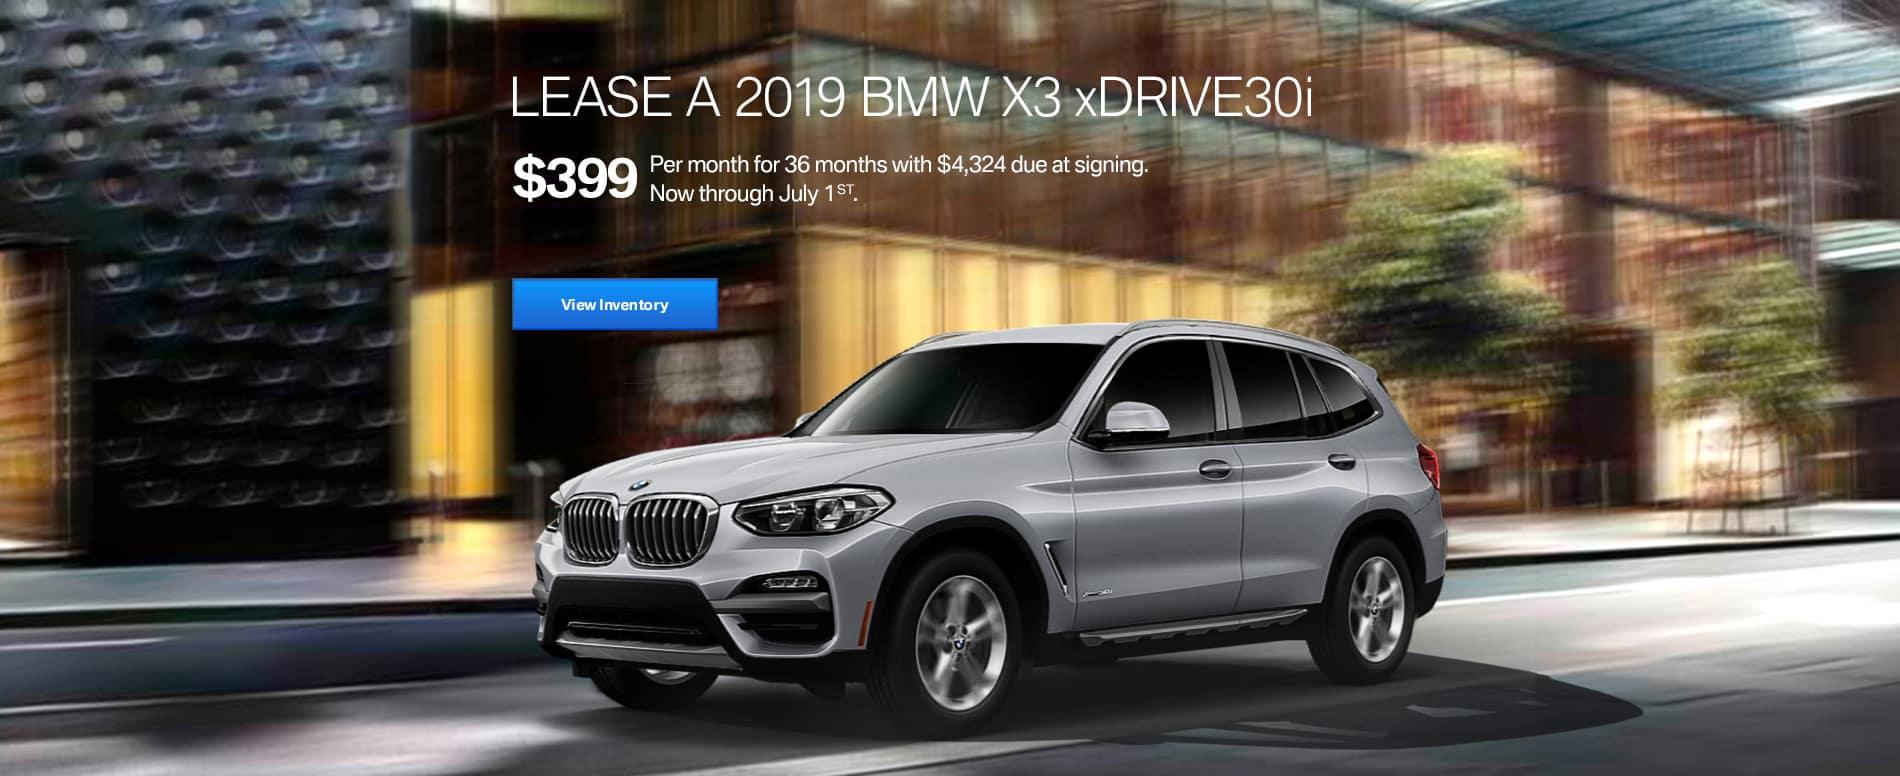 bmw_2019_x3_xDrive_$399_per_month